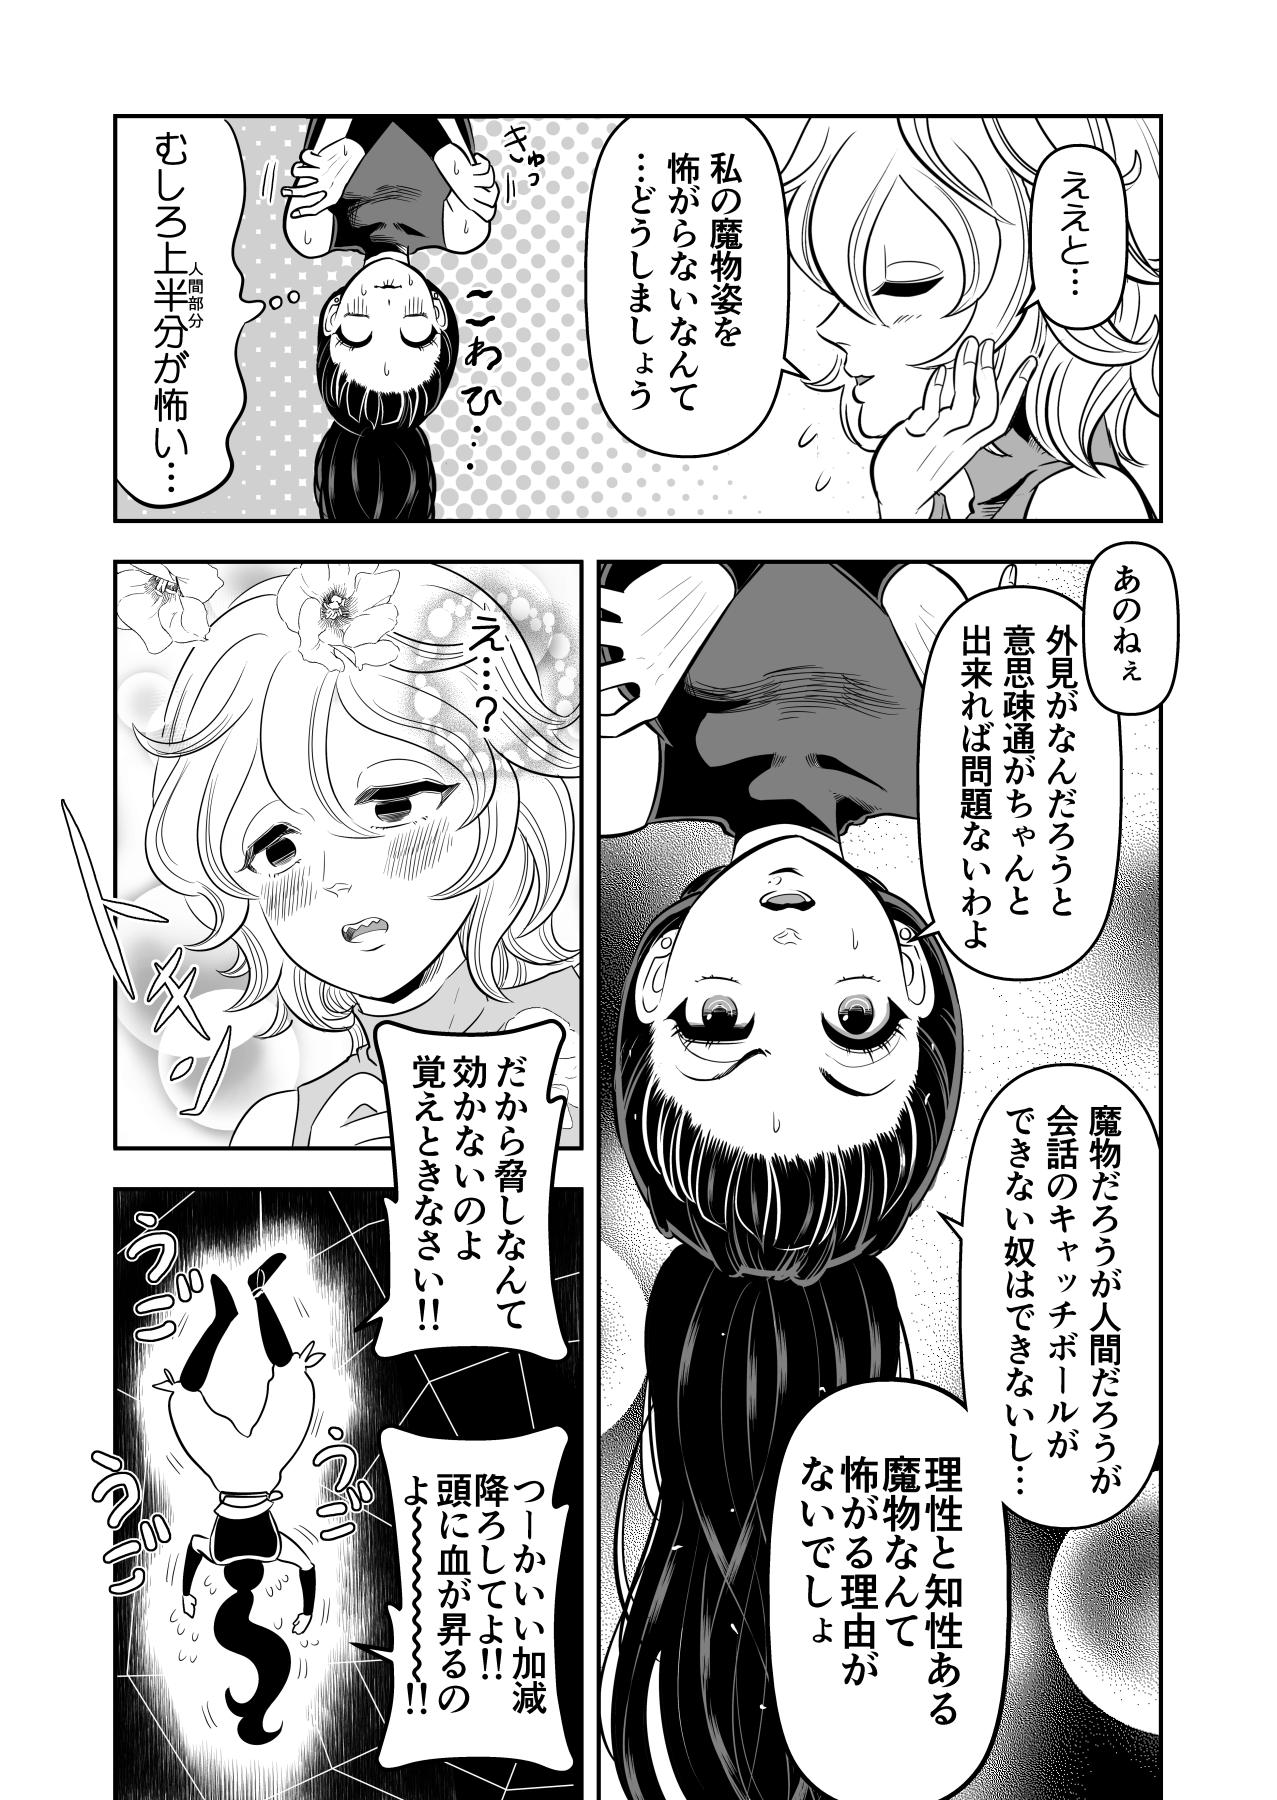 ヤサグレ魔女と第1王子と吸血鬼①0081